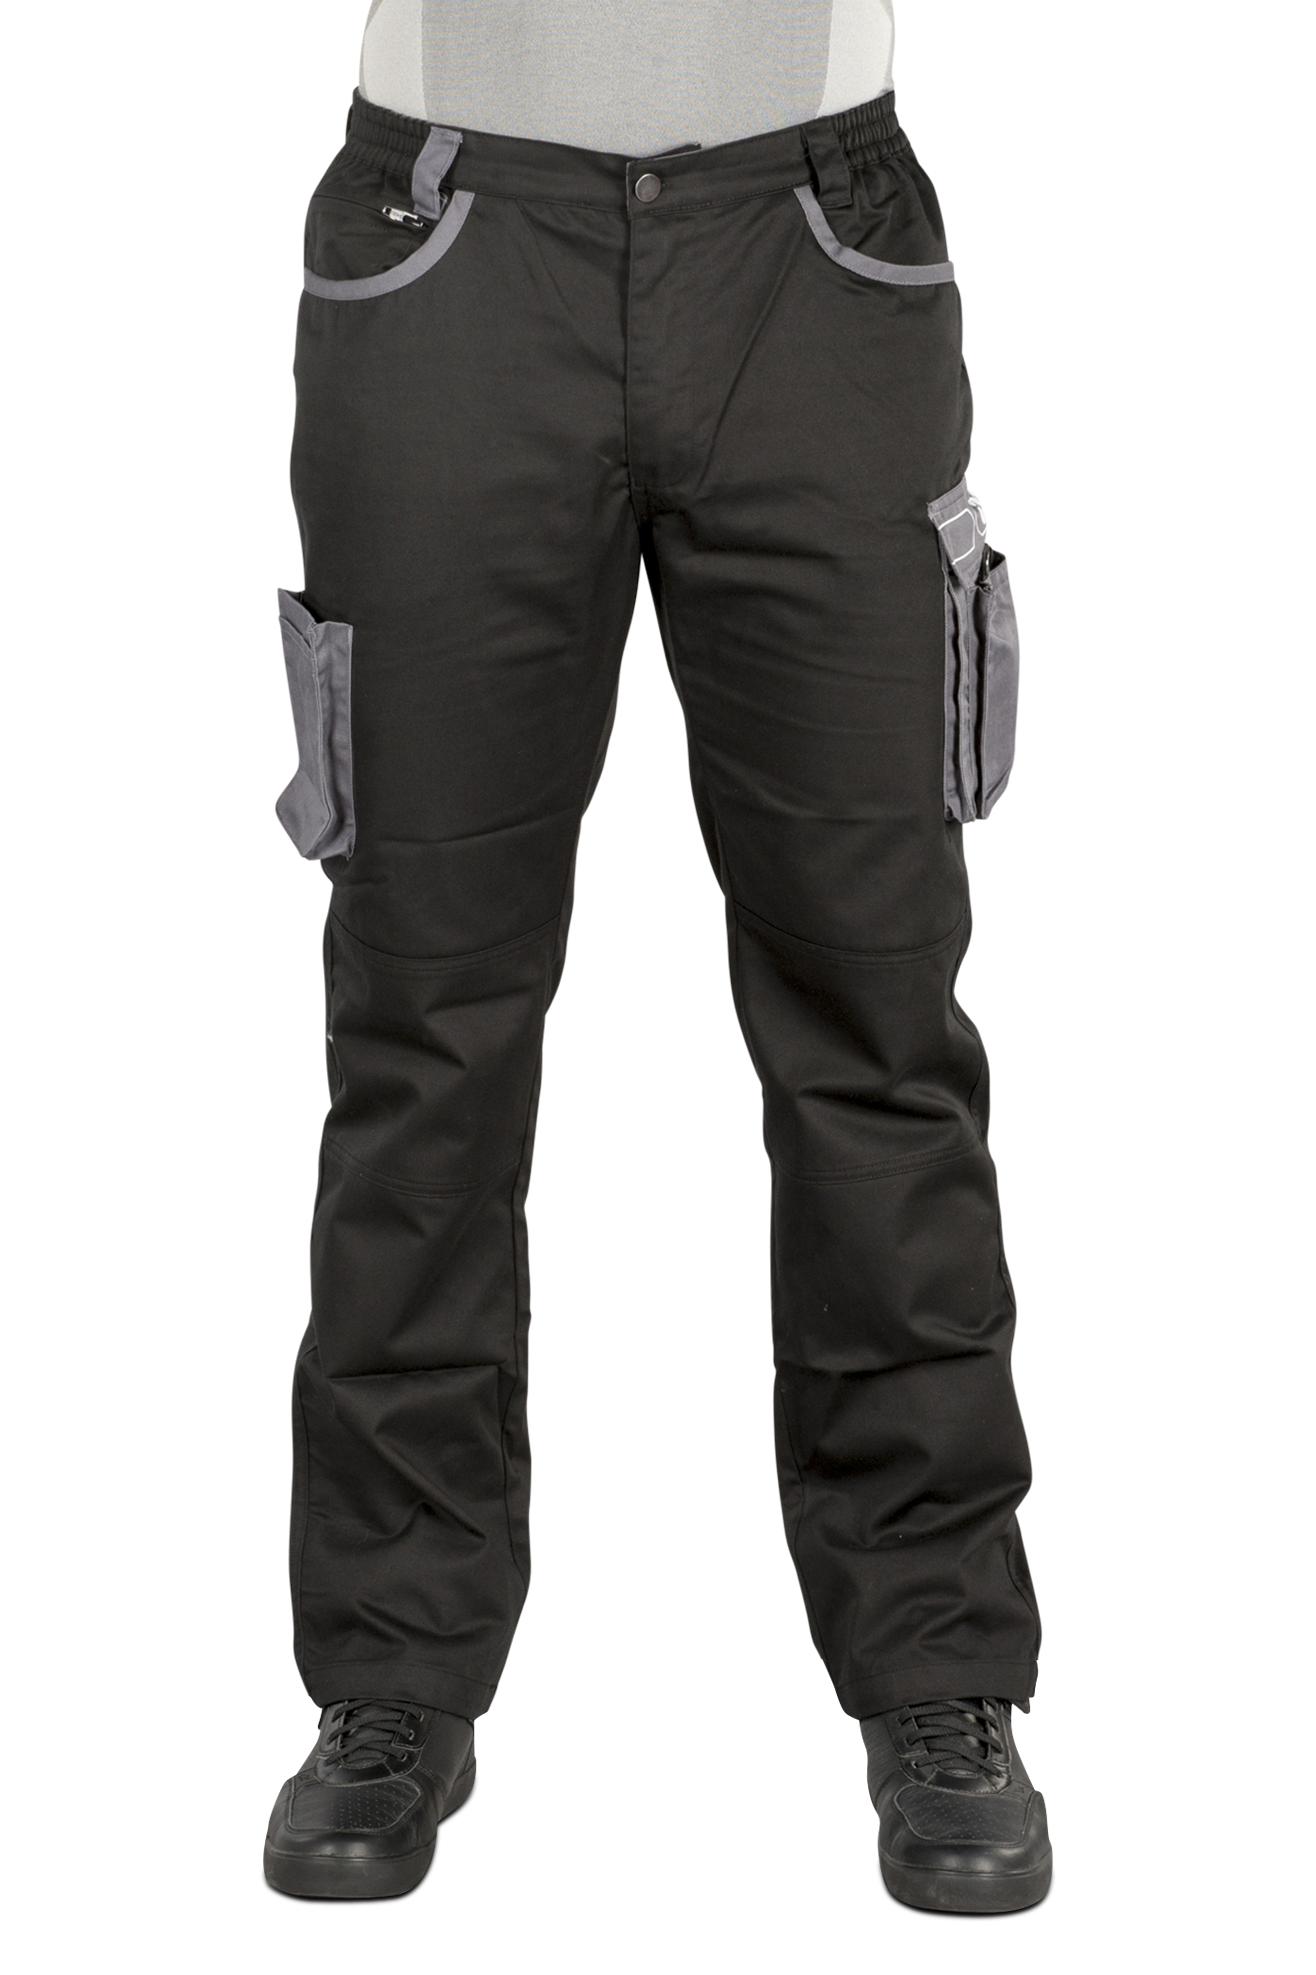 iXS Pantaloni  Team Nero-Grigio